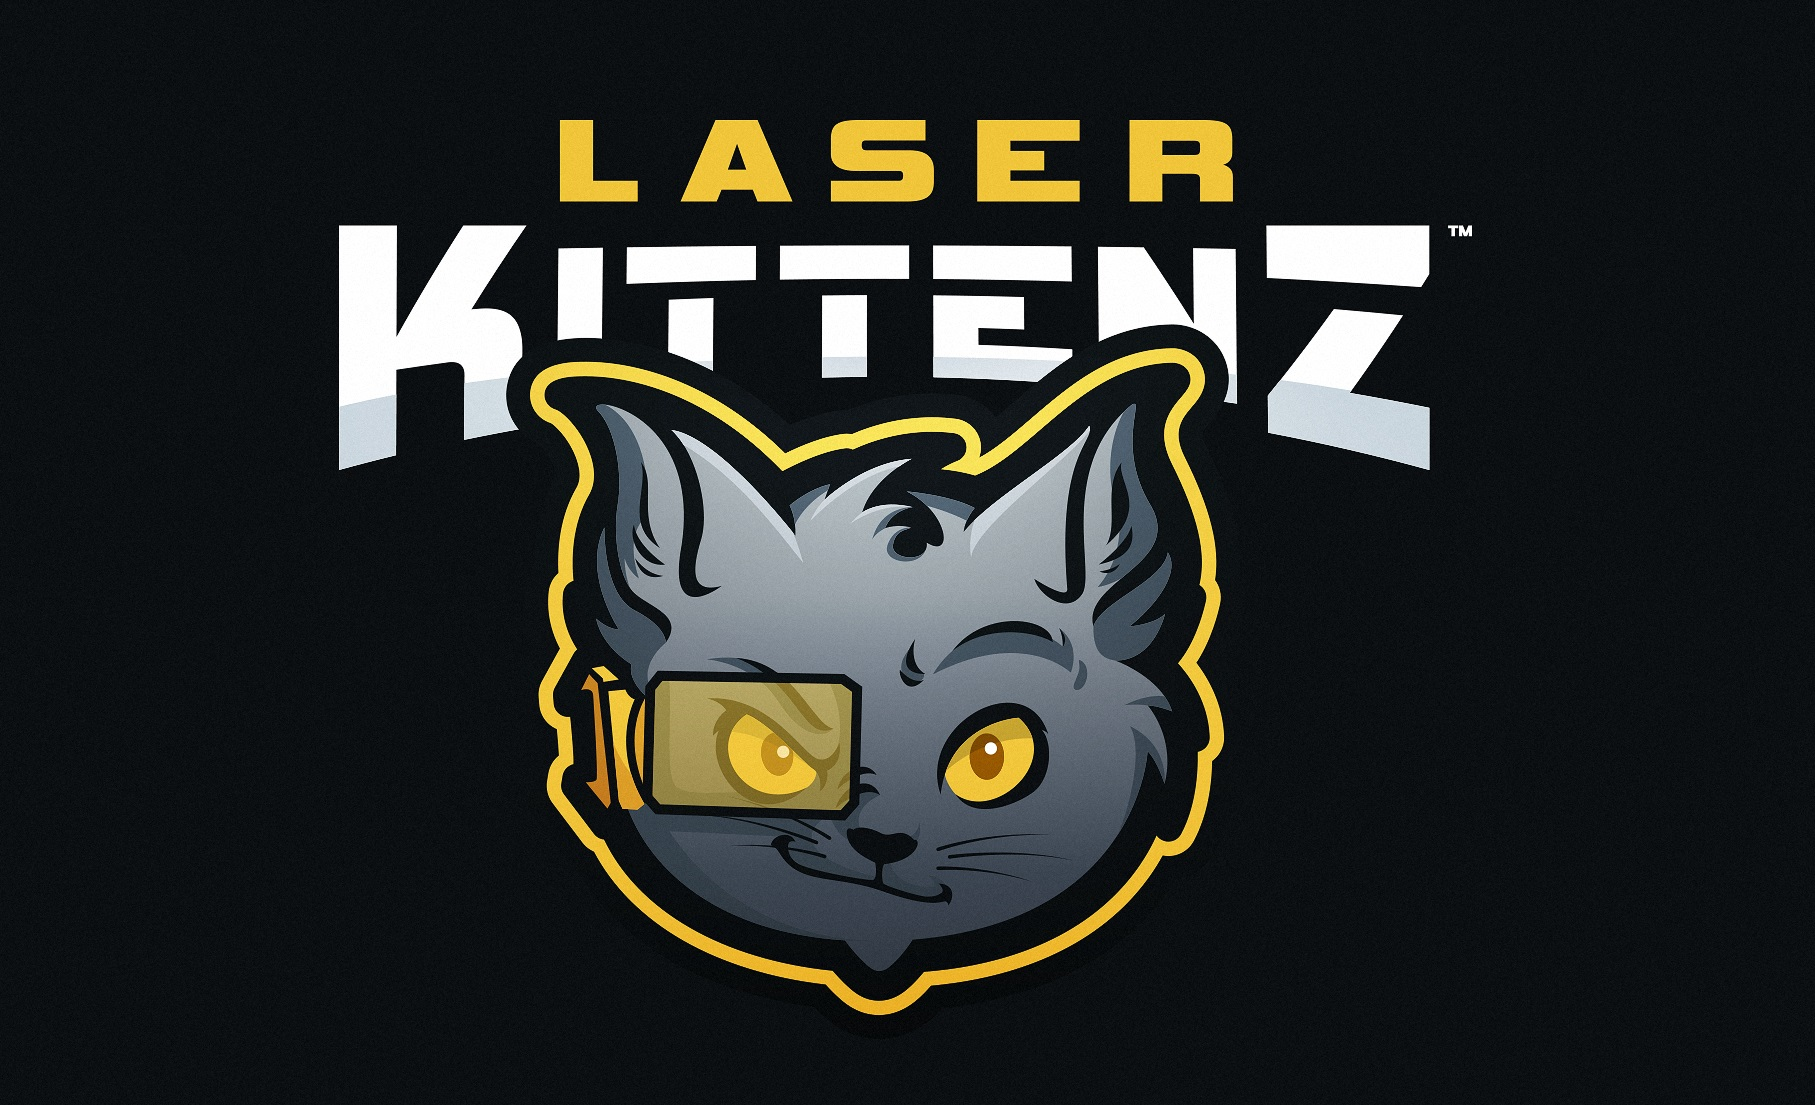 Winghaven se embarca en un nuevo proyecto con Laser Kittenz